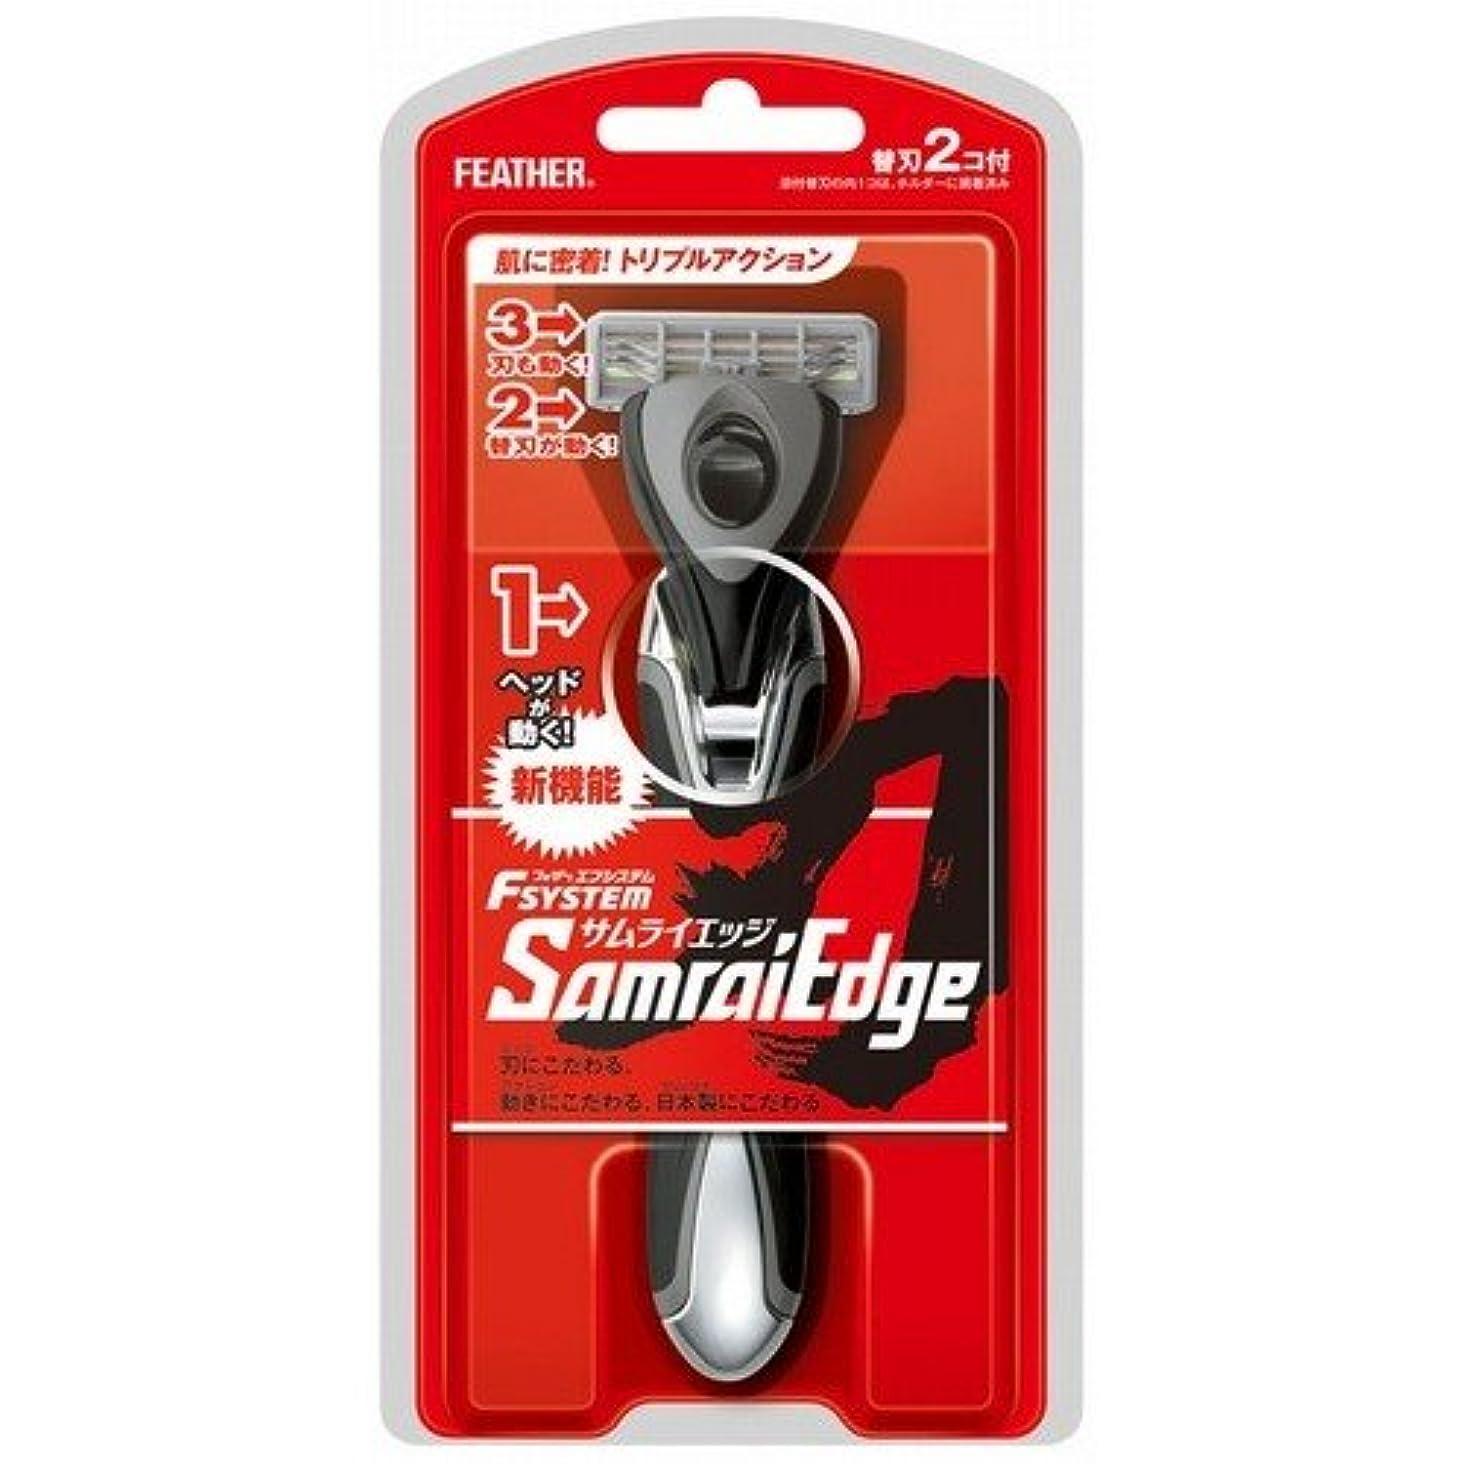 専門化するなだめる発火するフェザー エフシステム サムライエッジ ホルダー 替刃2個付 (日本製)